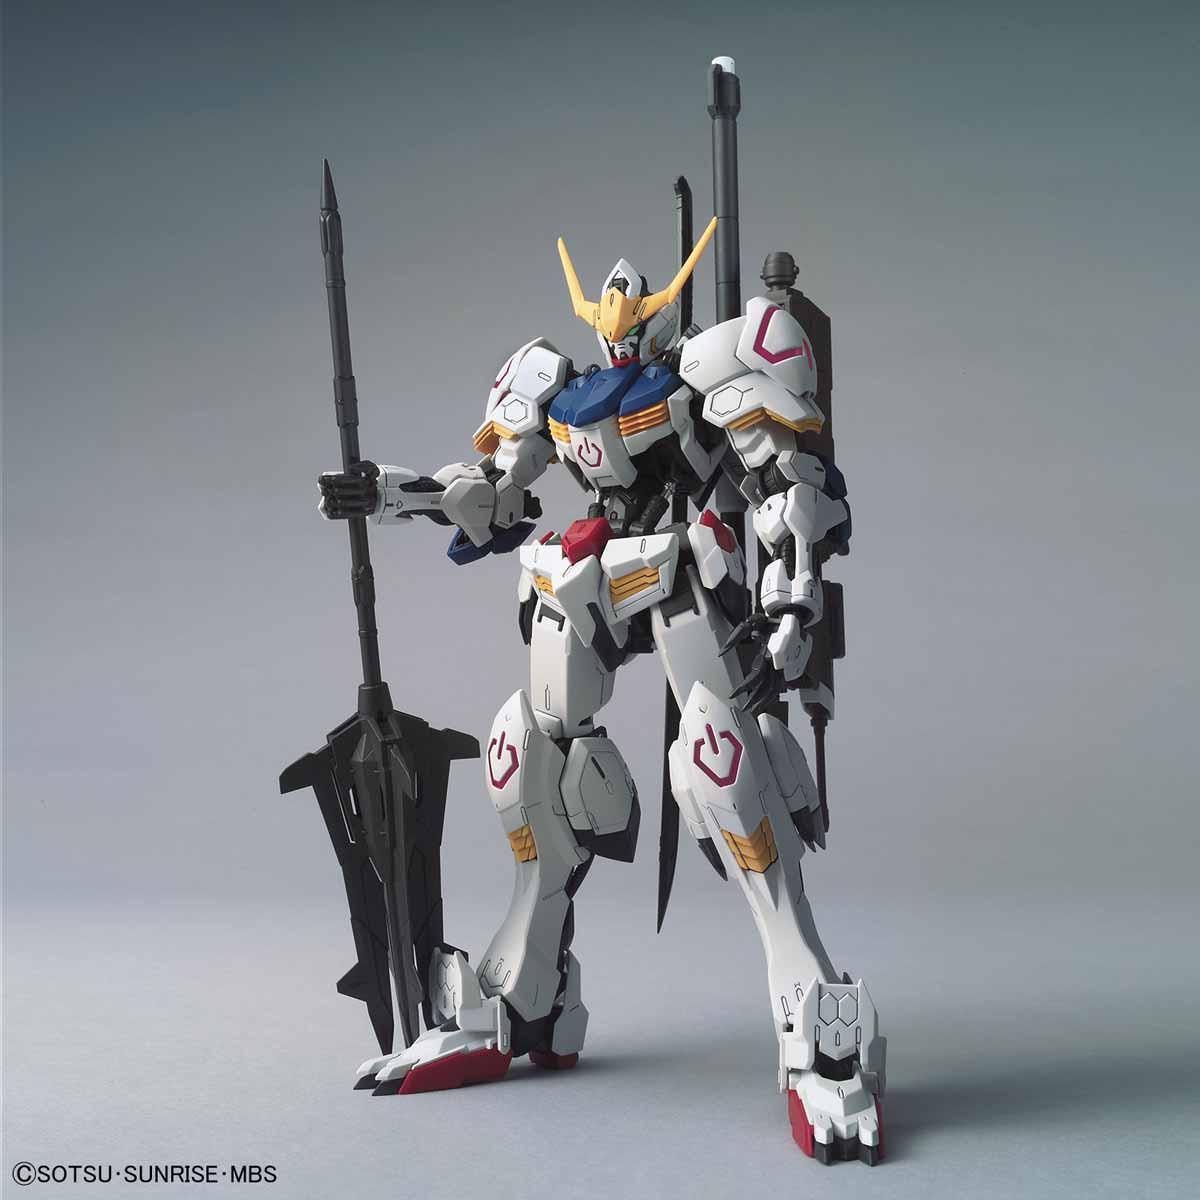 MG 1/100『ガンダムバルバトス』鉄血のオルフェンズ プラモデル-001